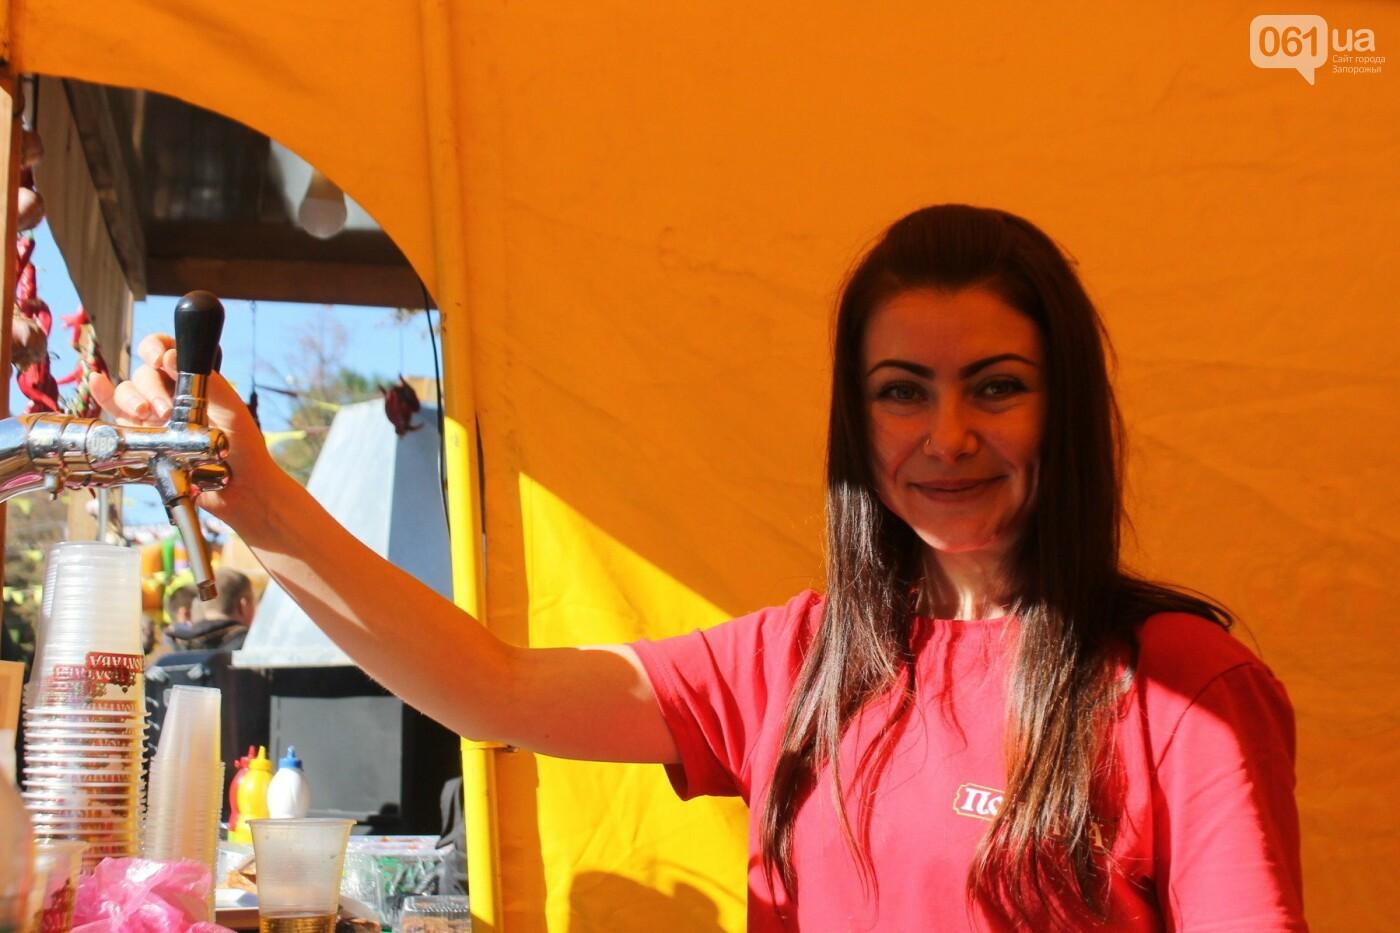 Как в Запорожье прошел пивной фестиваль «Beluga Beer fest», – ФОТОРЕПОРТАЖ, фото-16